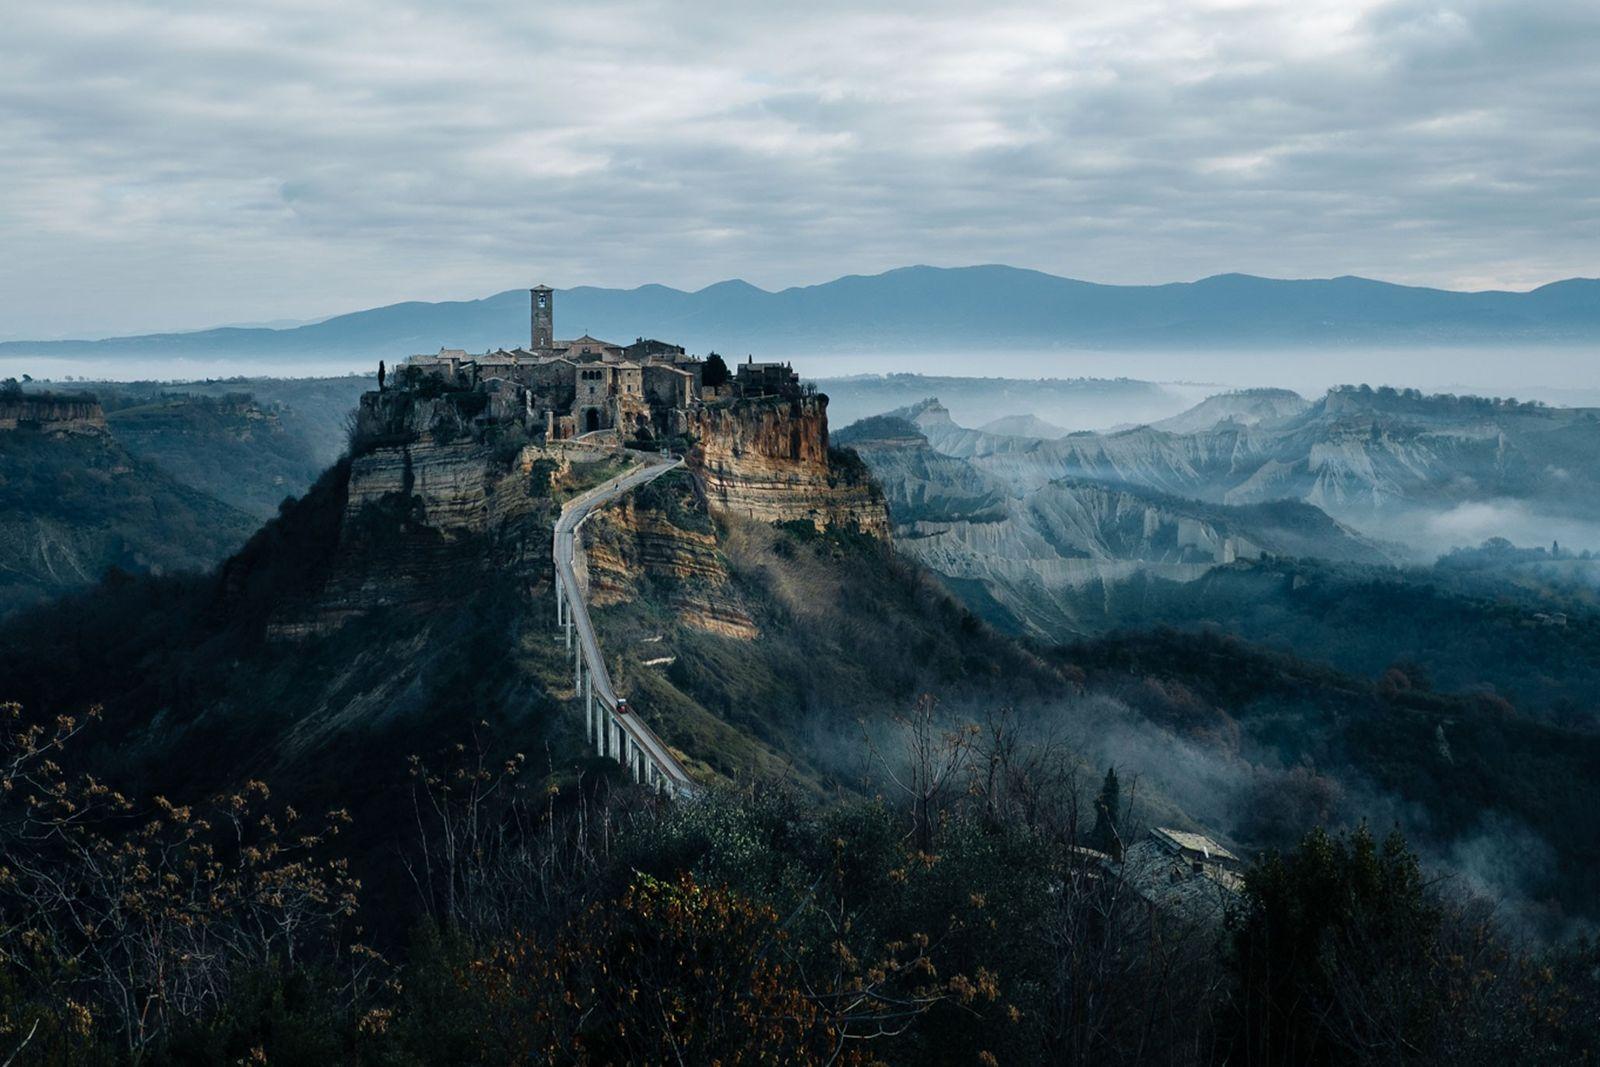 O Turismo Pode Salvar a 'Cidade Moribunda' de Itália?